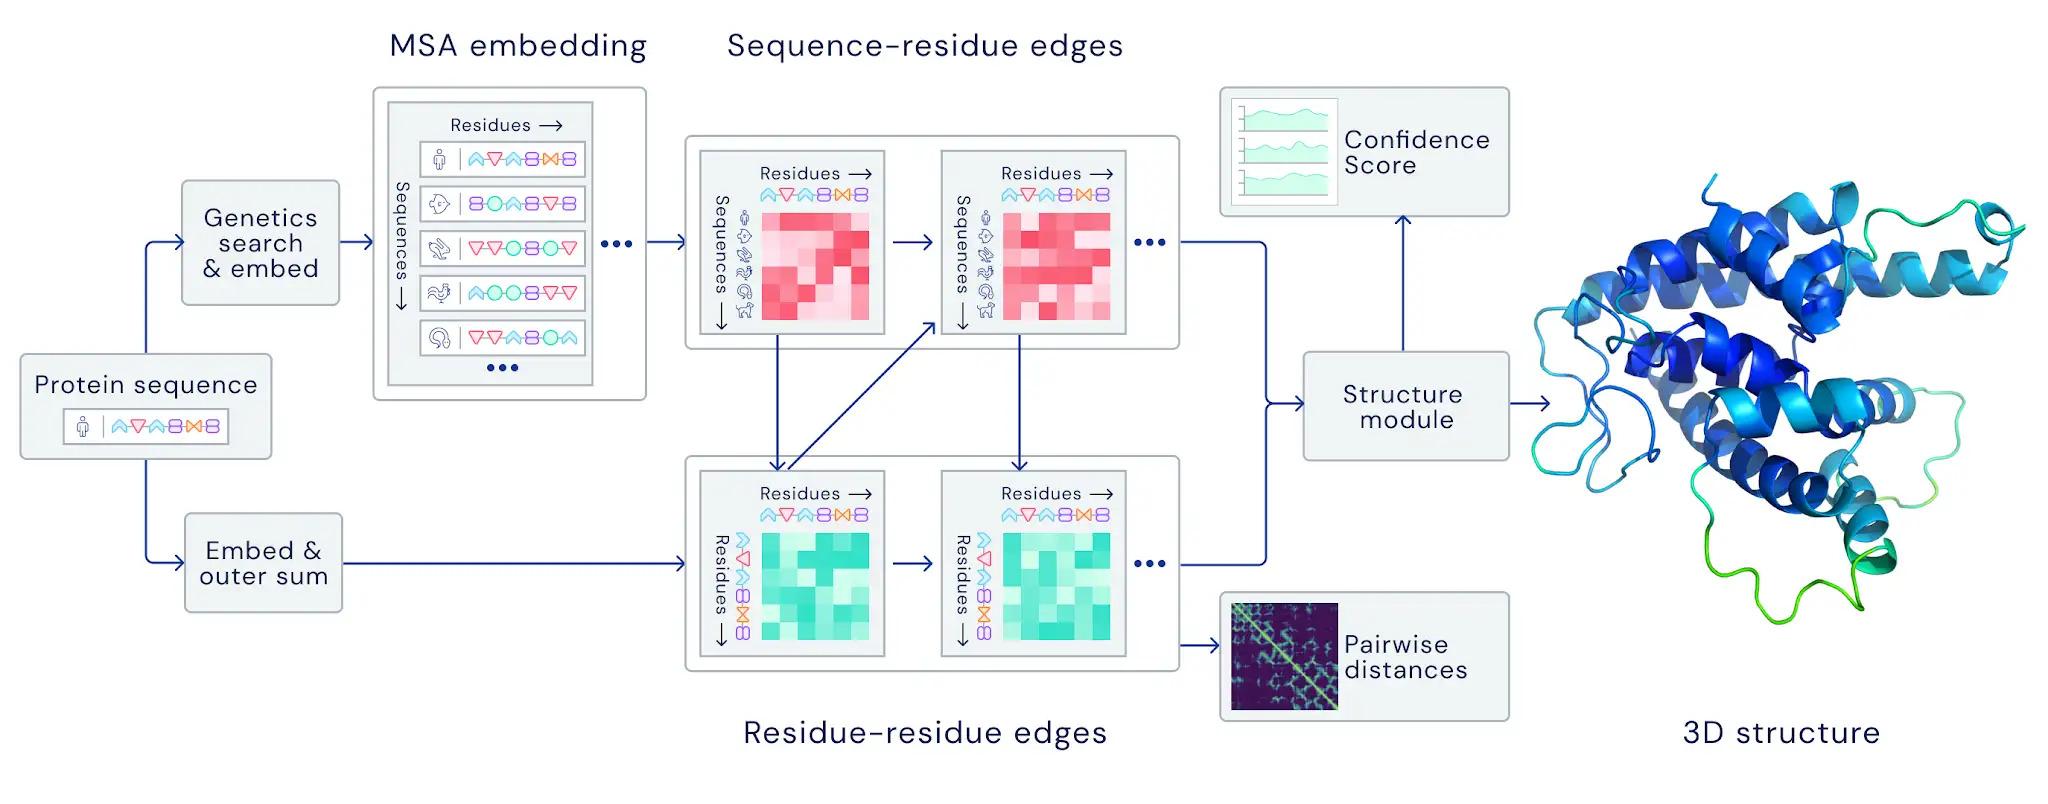 生物學最大謎團被 AI 人工智慧 破解!DeepMind 攻克「蛋白質折疊」奧秘